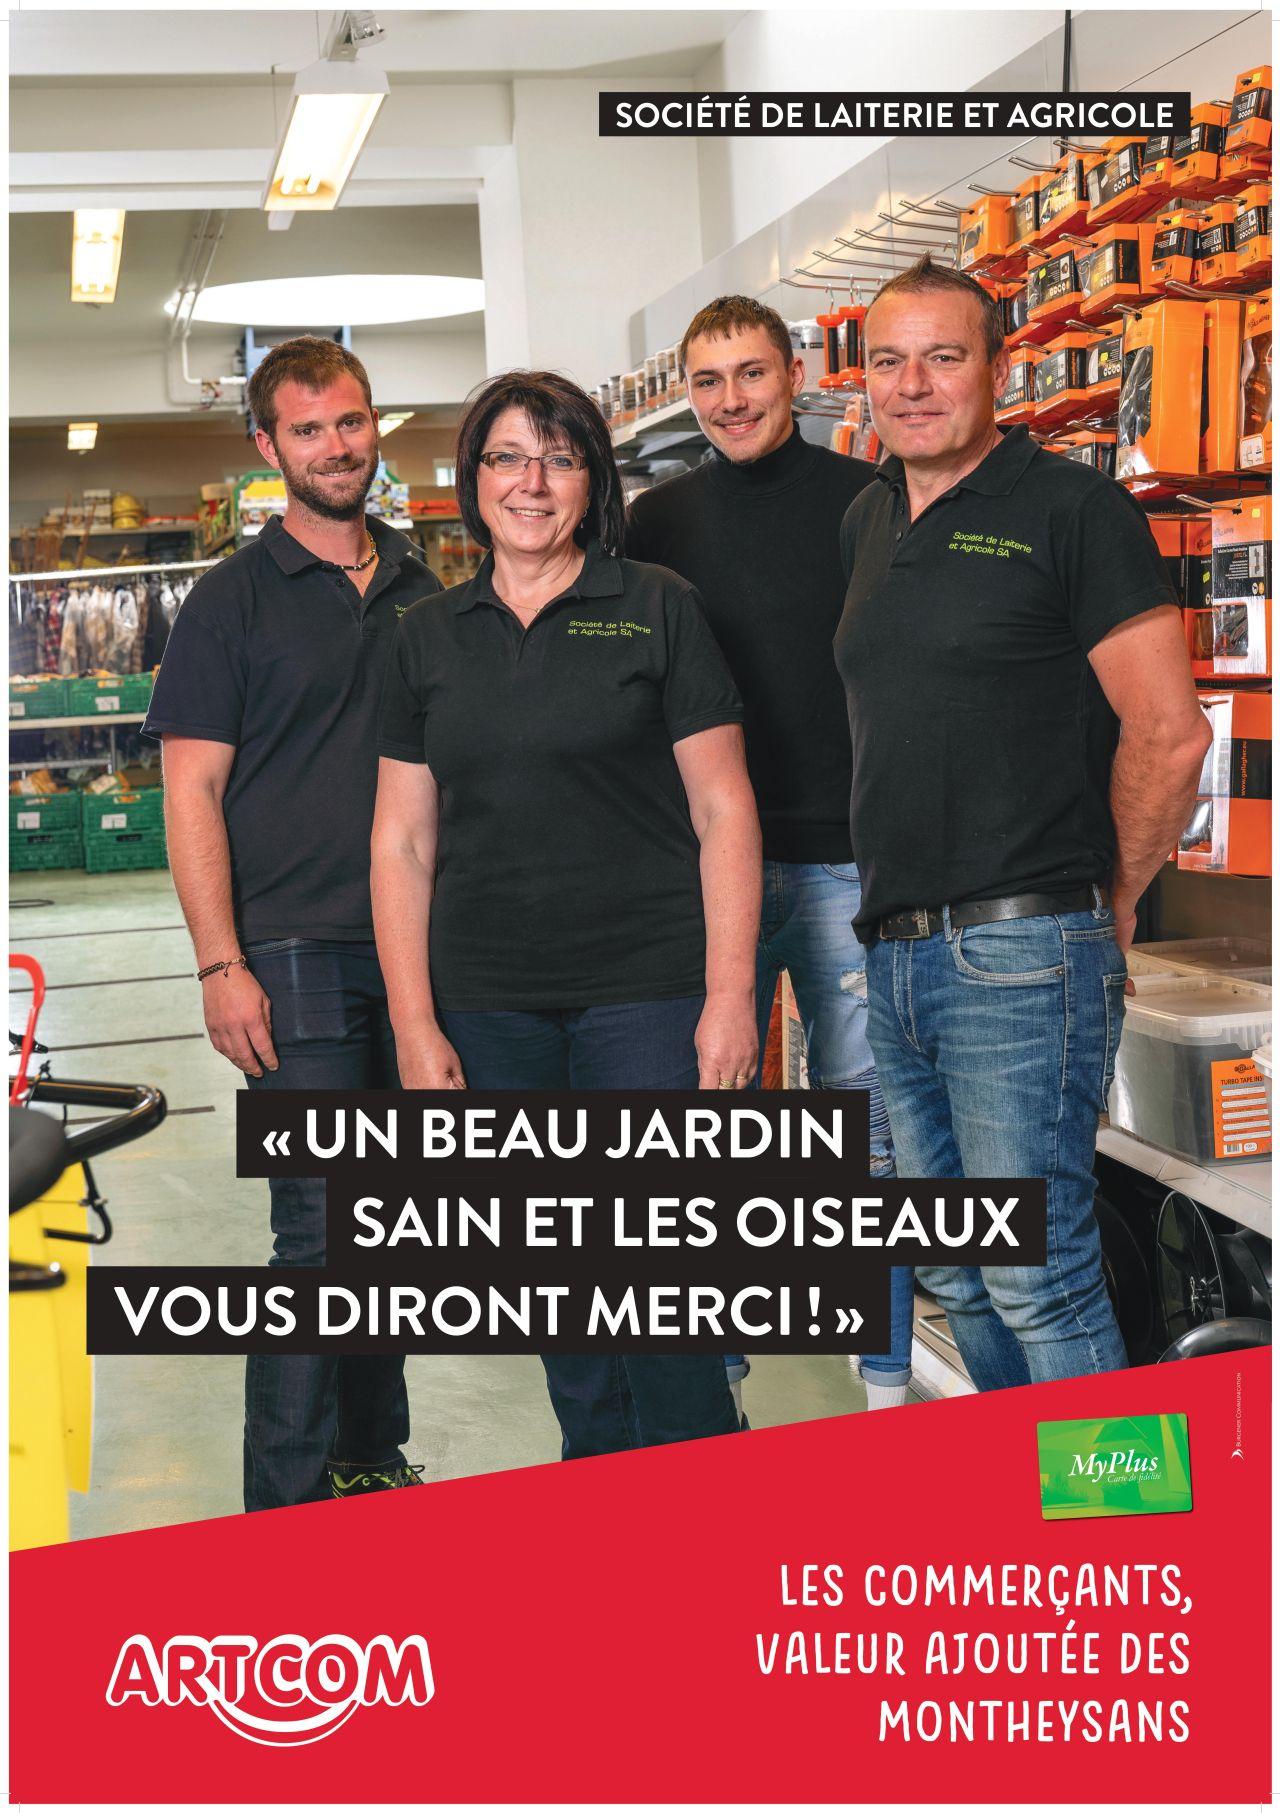 Affiche Société la laiterie et agricole